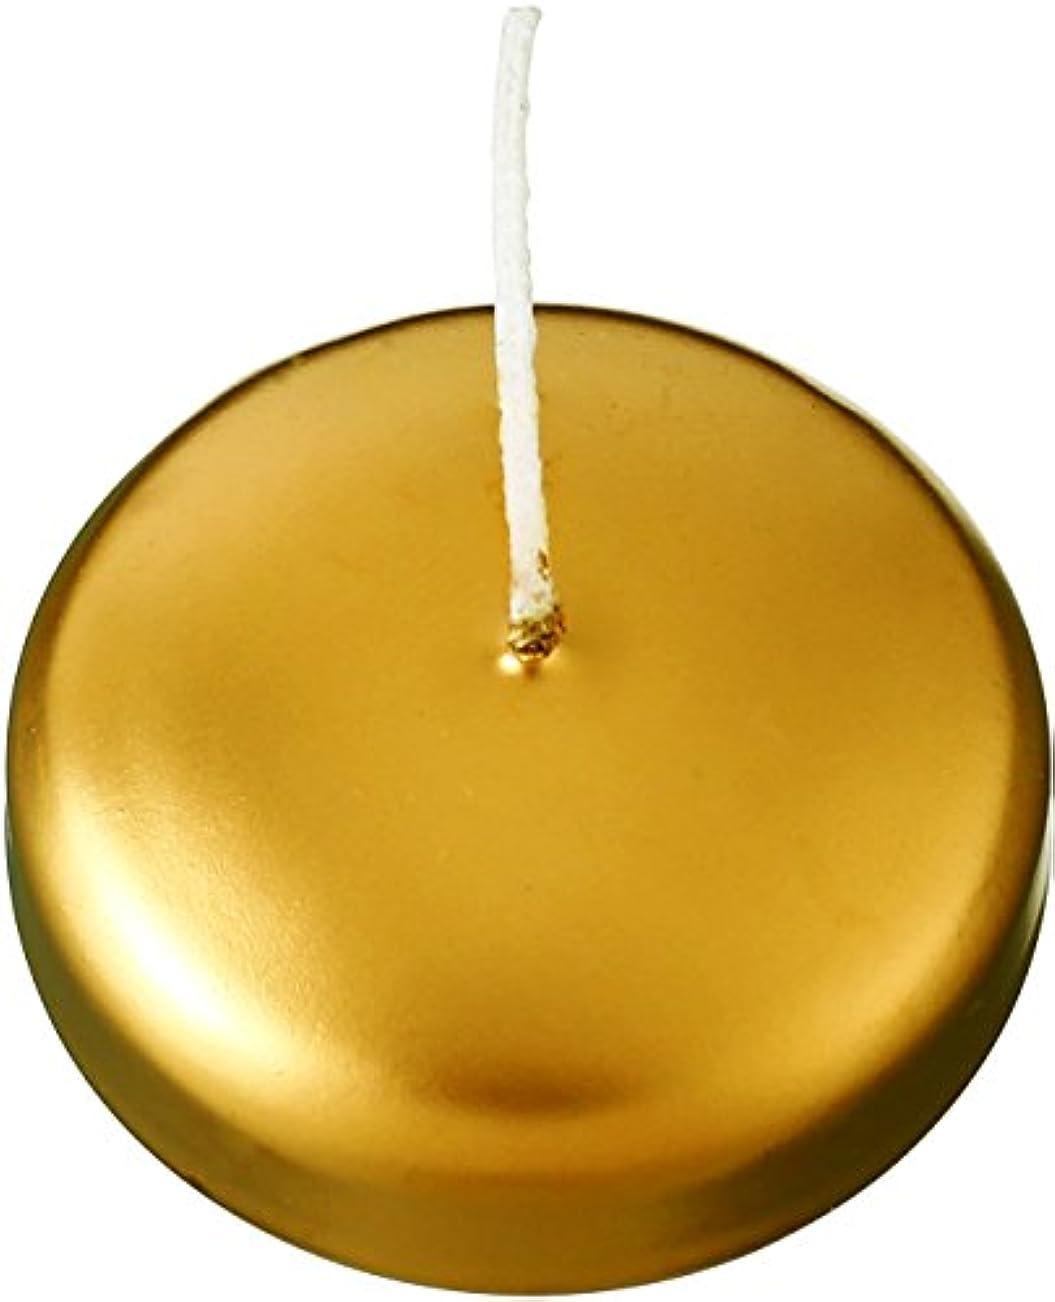 セーブ相互接続型カメヤマキャンドルハウス フローティングキャンドル50 ゴールド 12個セット